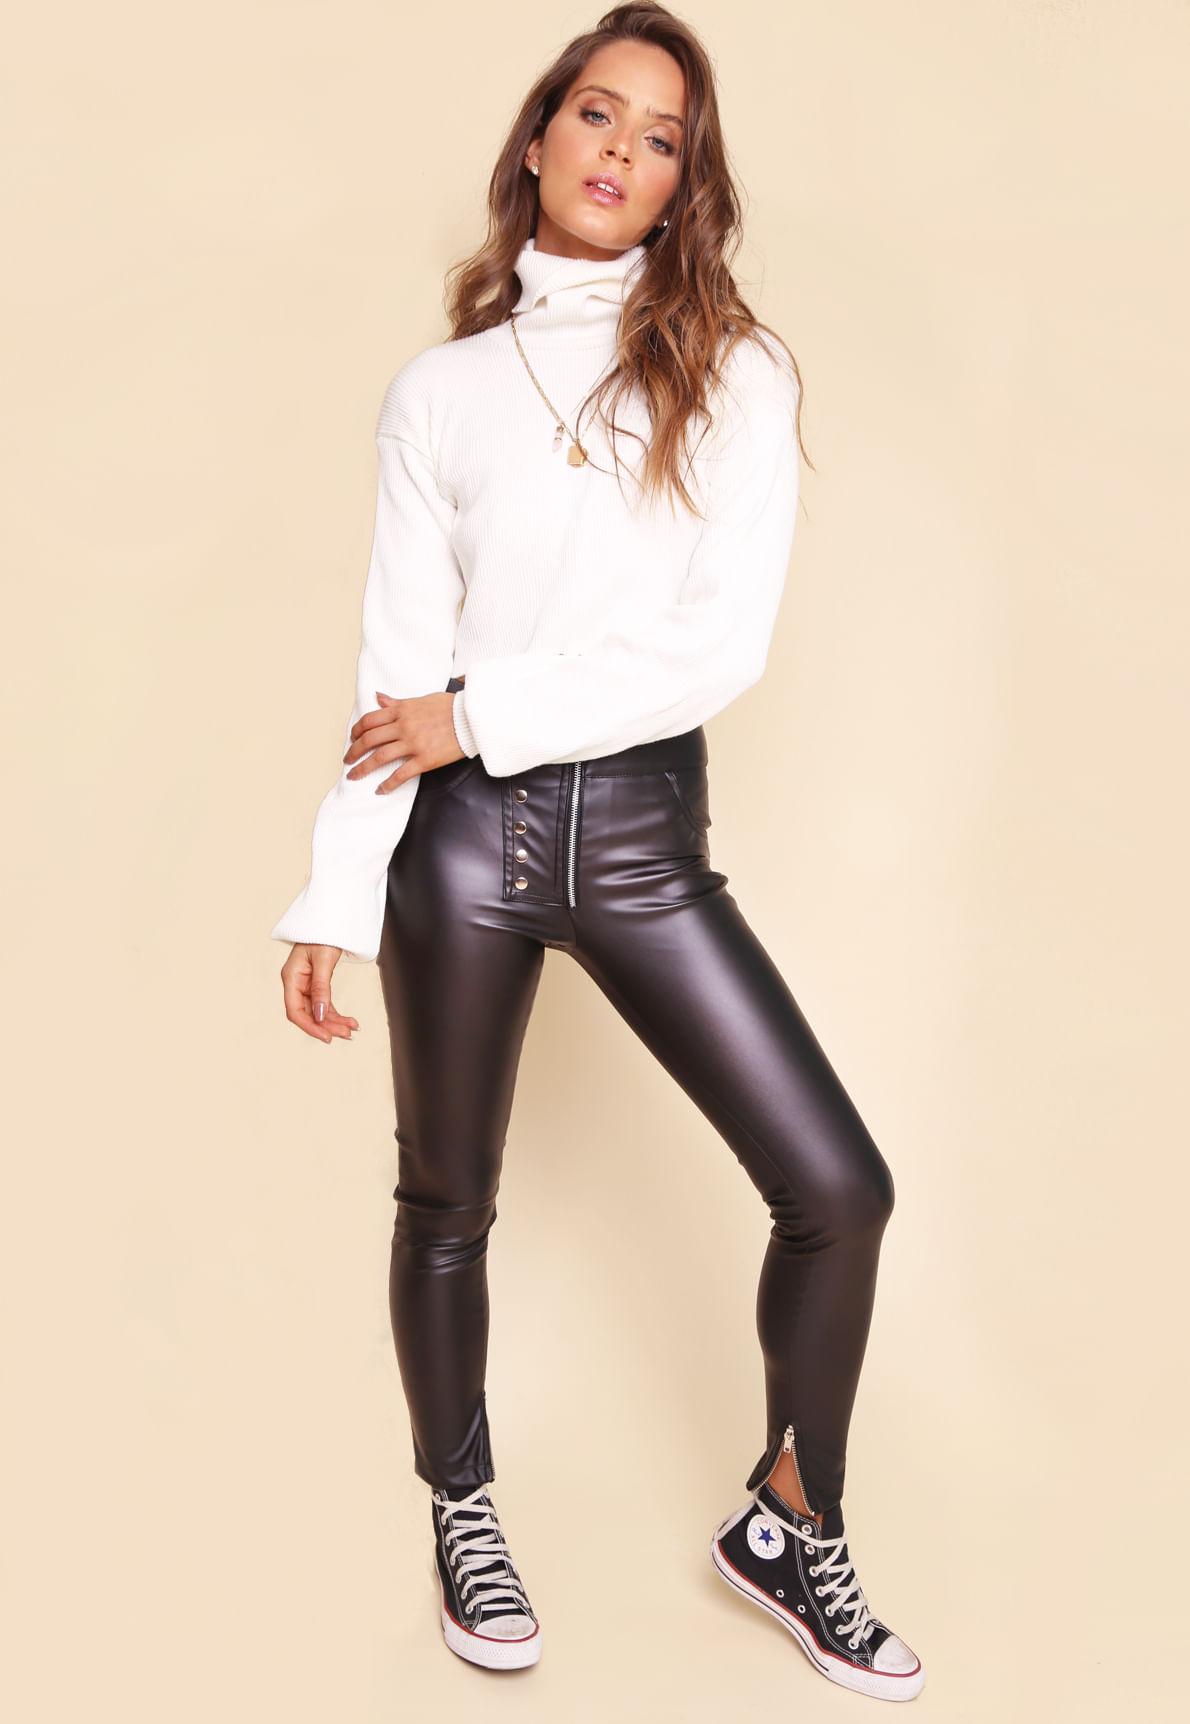 31242-calca-martina-couro-preta-botoes-mundo-lolita-01